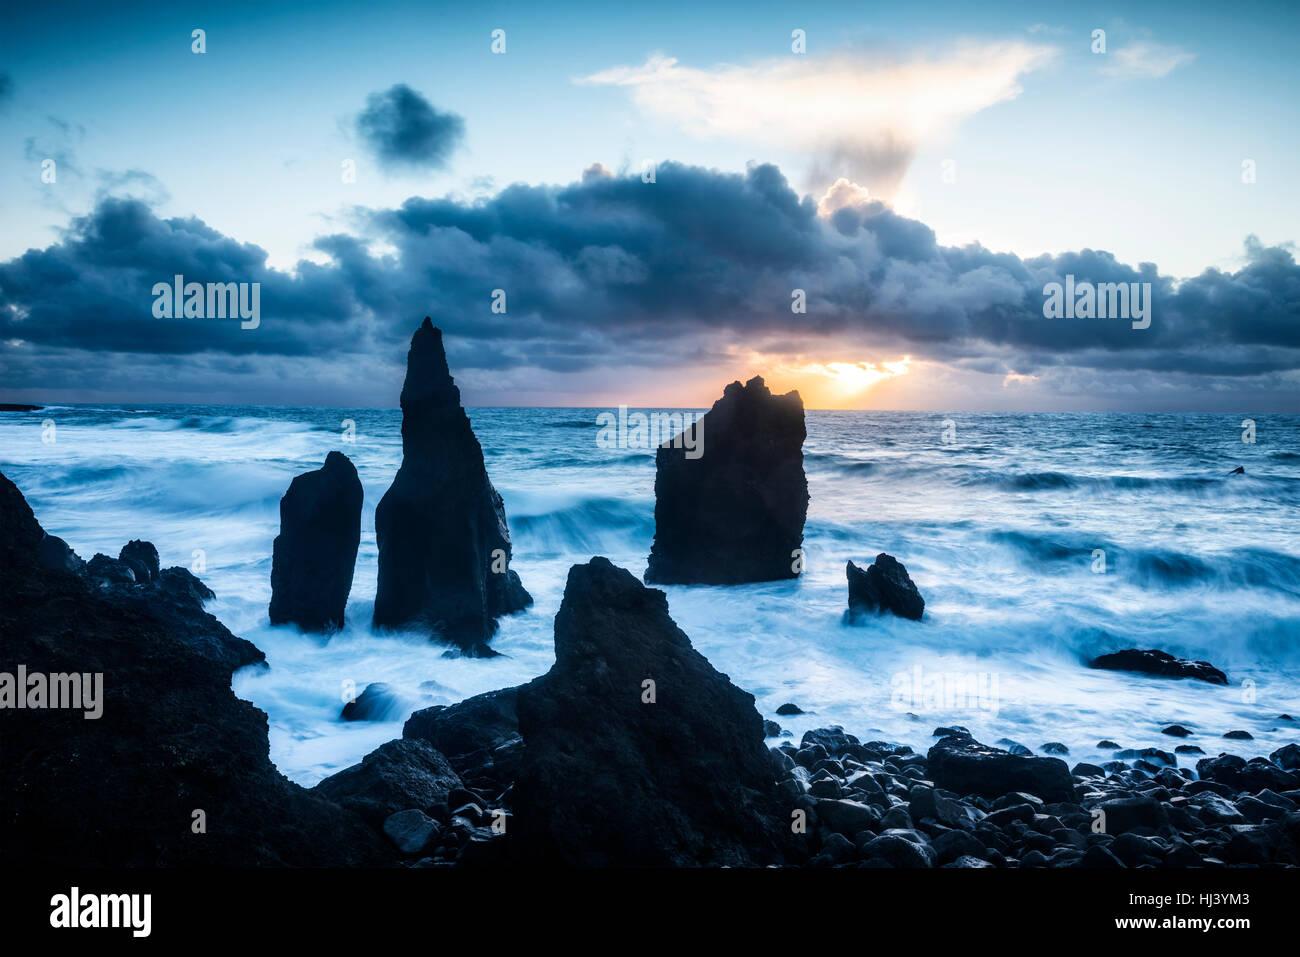 Una spiaggia remota in Islanda mostra sharp scogliere rocciose sporgenti 20 piedi fuori delle acque poco profonde Immagini Stock